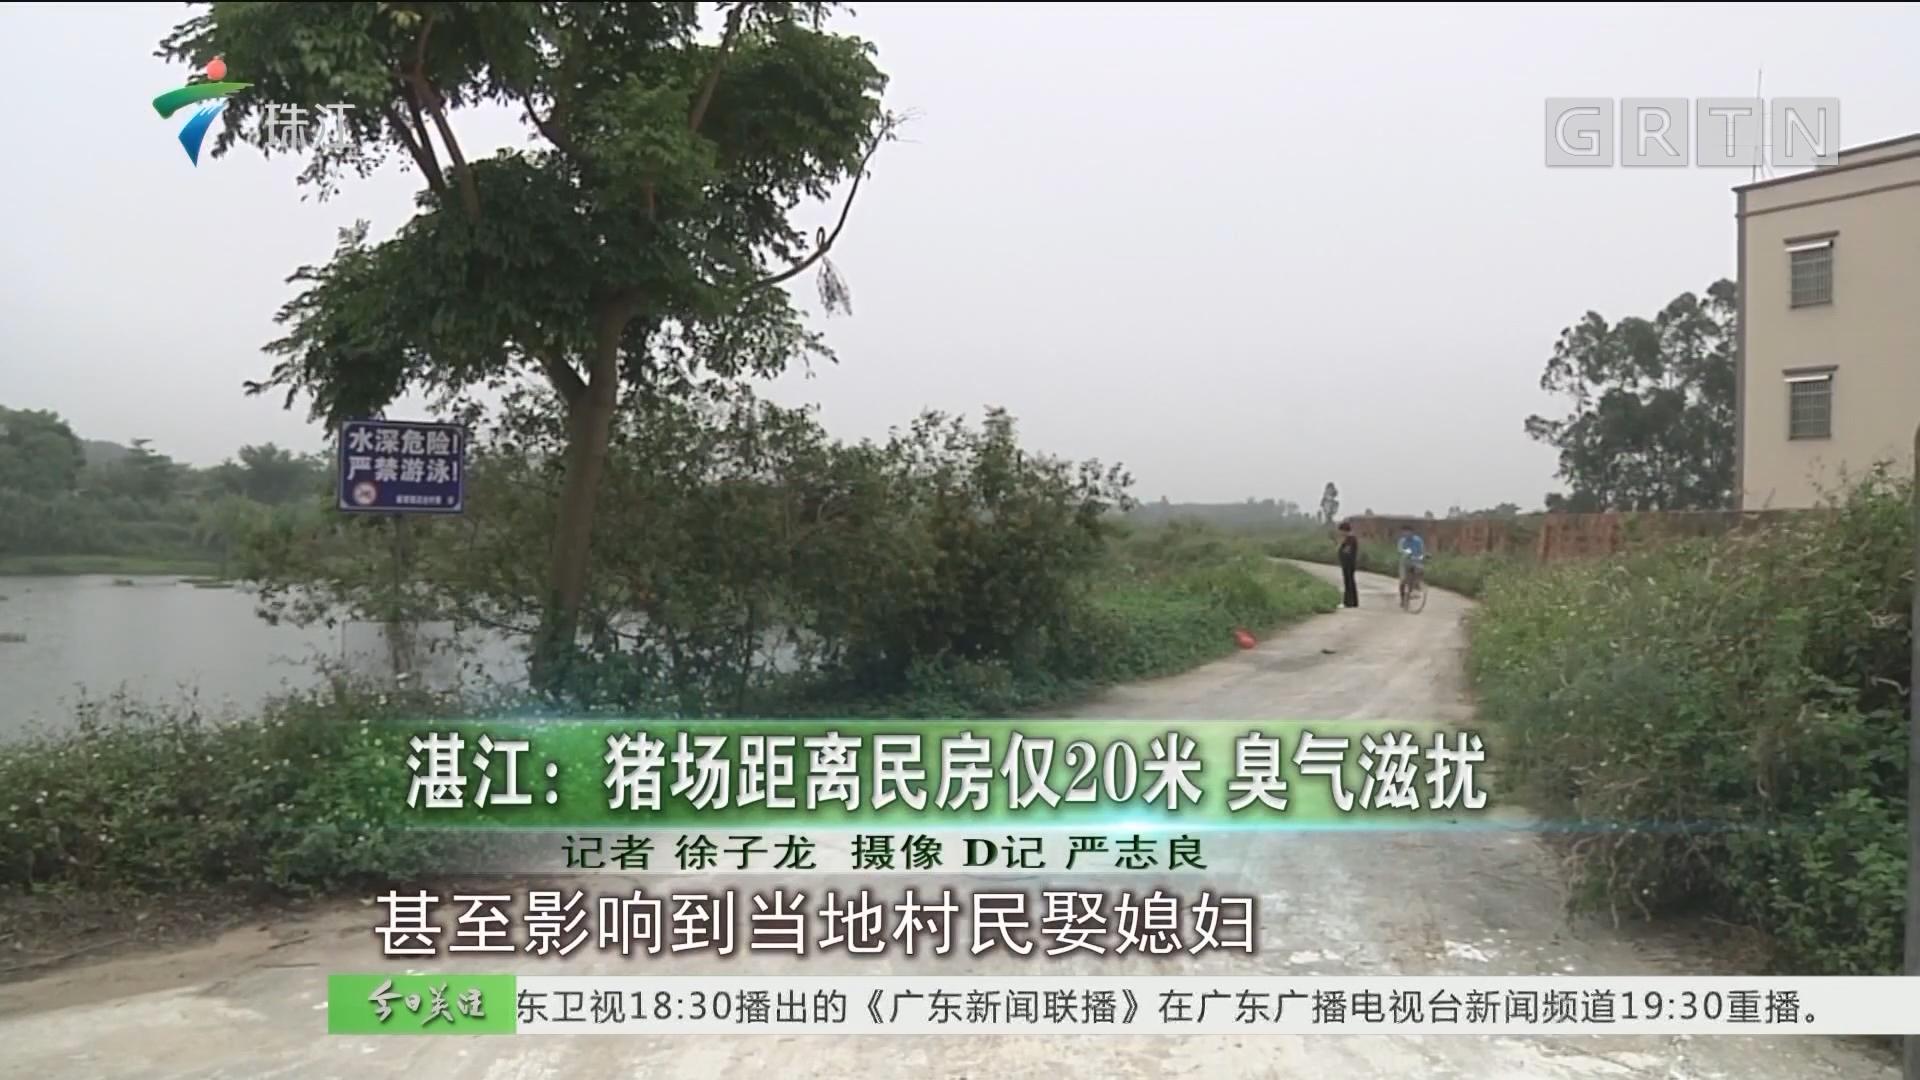 湛江:猪场距离民房仅20米 臭气滋扰